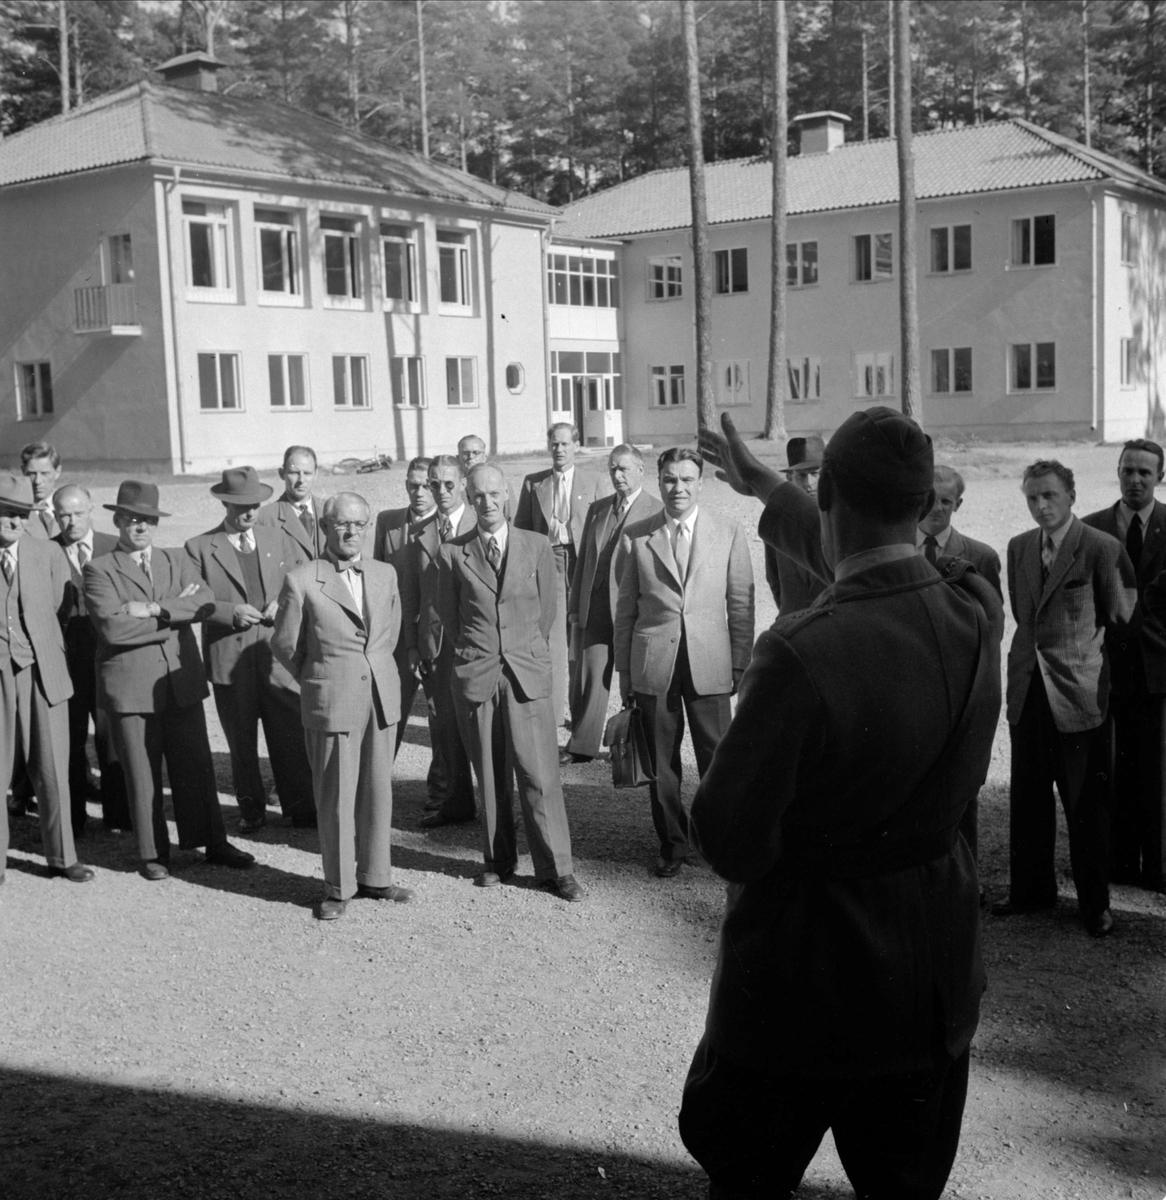 Kriminaltekniska föreningen i Enköping 1947